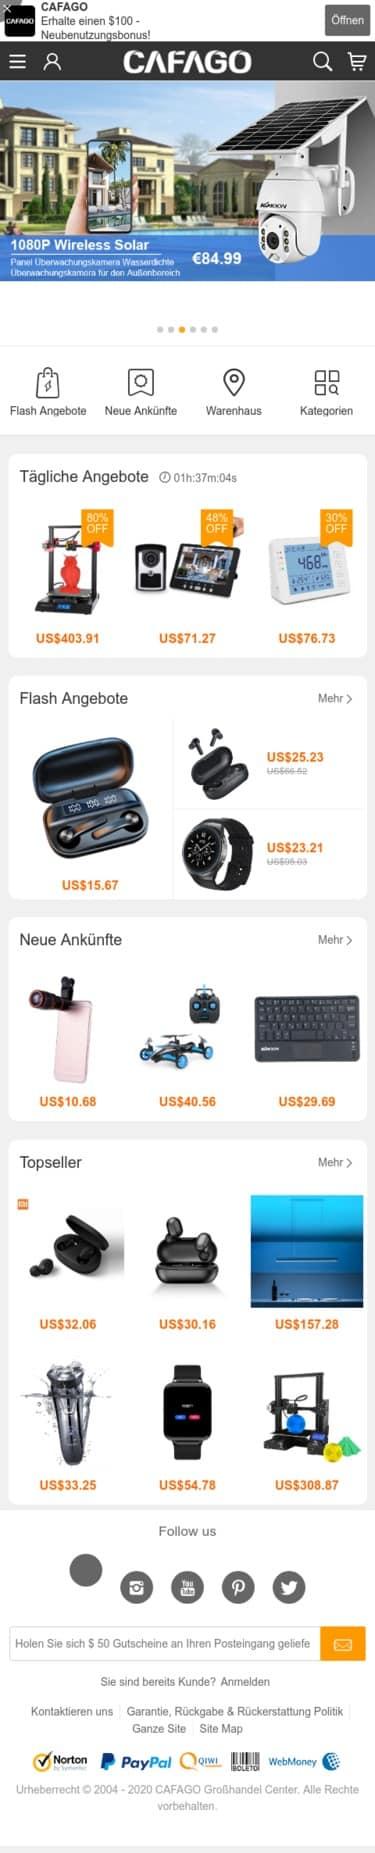 cafago.com Coupon